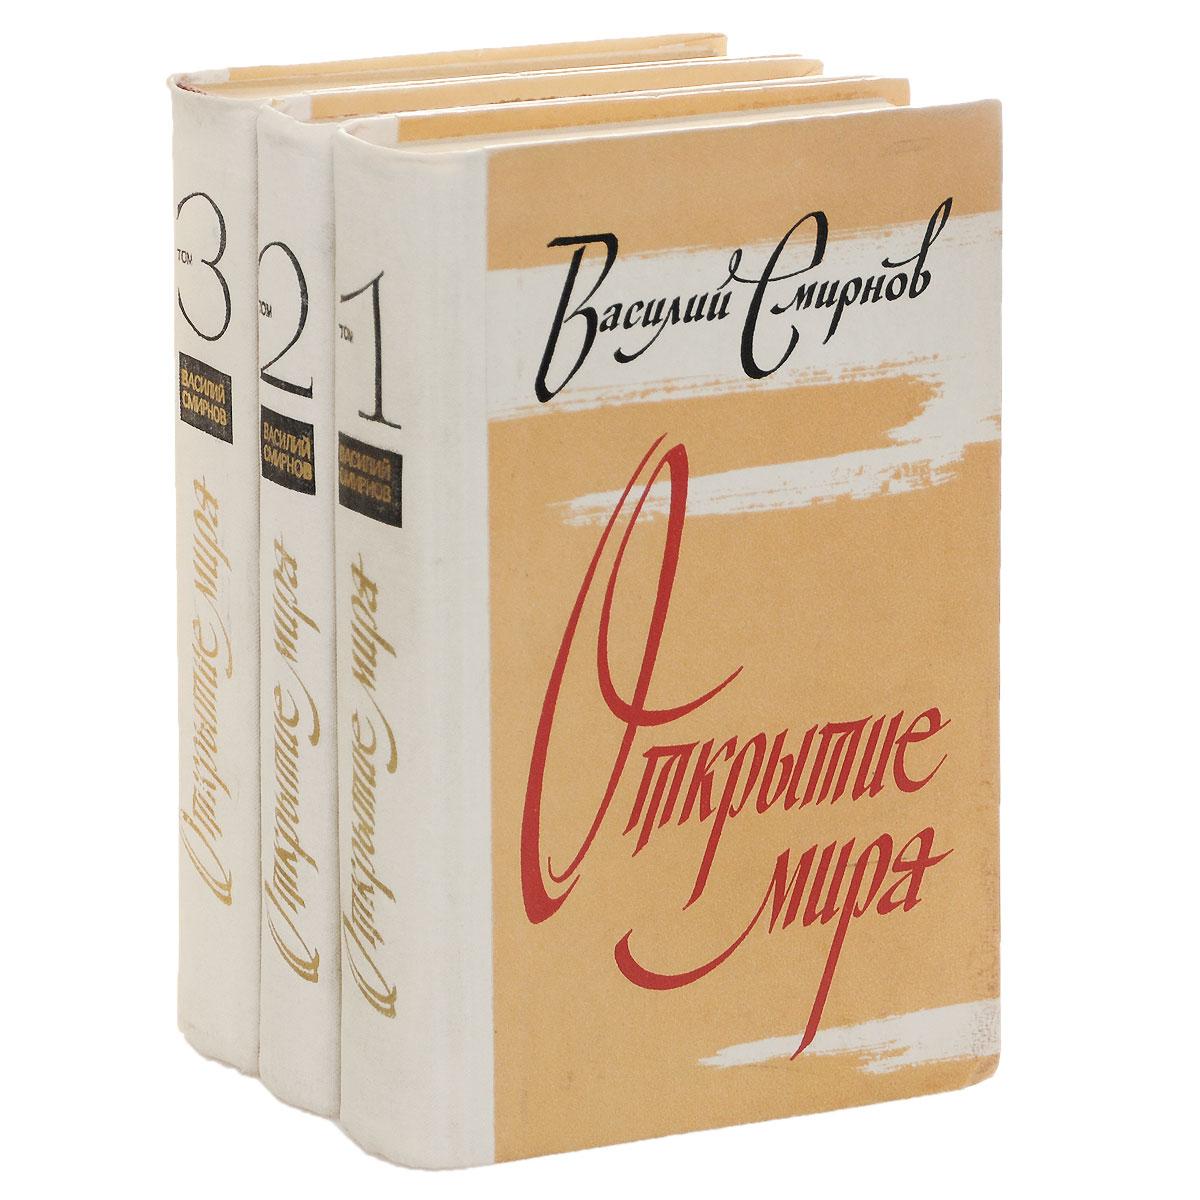 Василий Смирнов Открытие мира. В 3 томах (комплект)